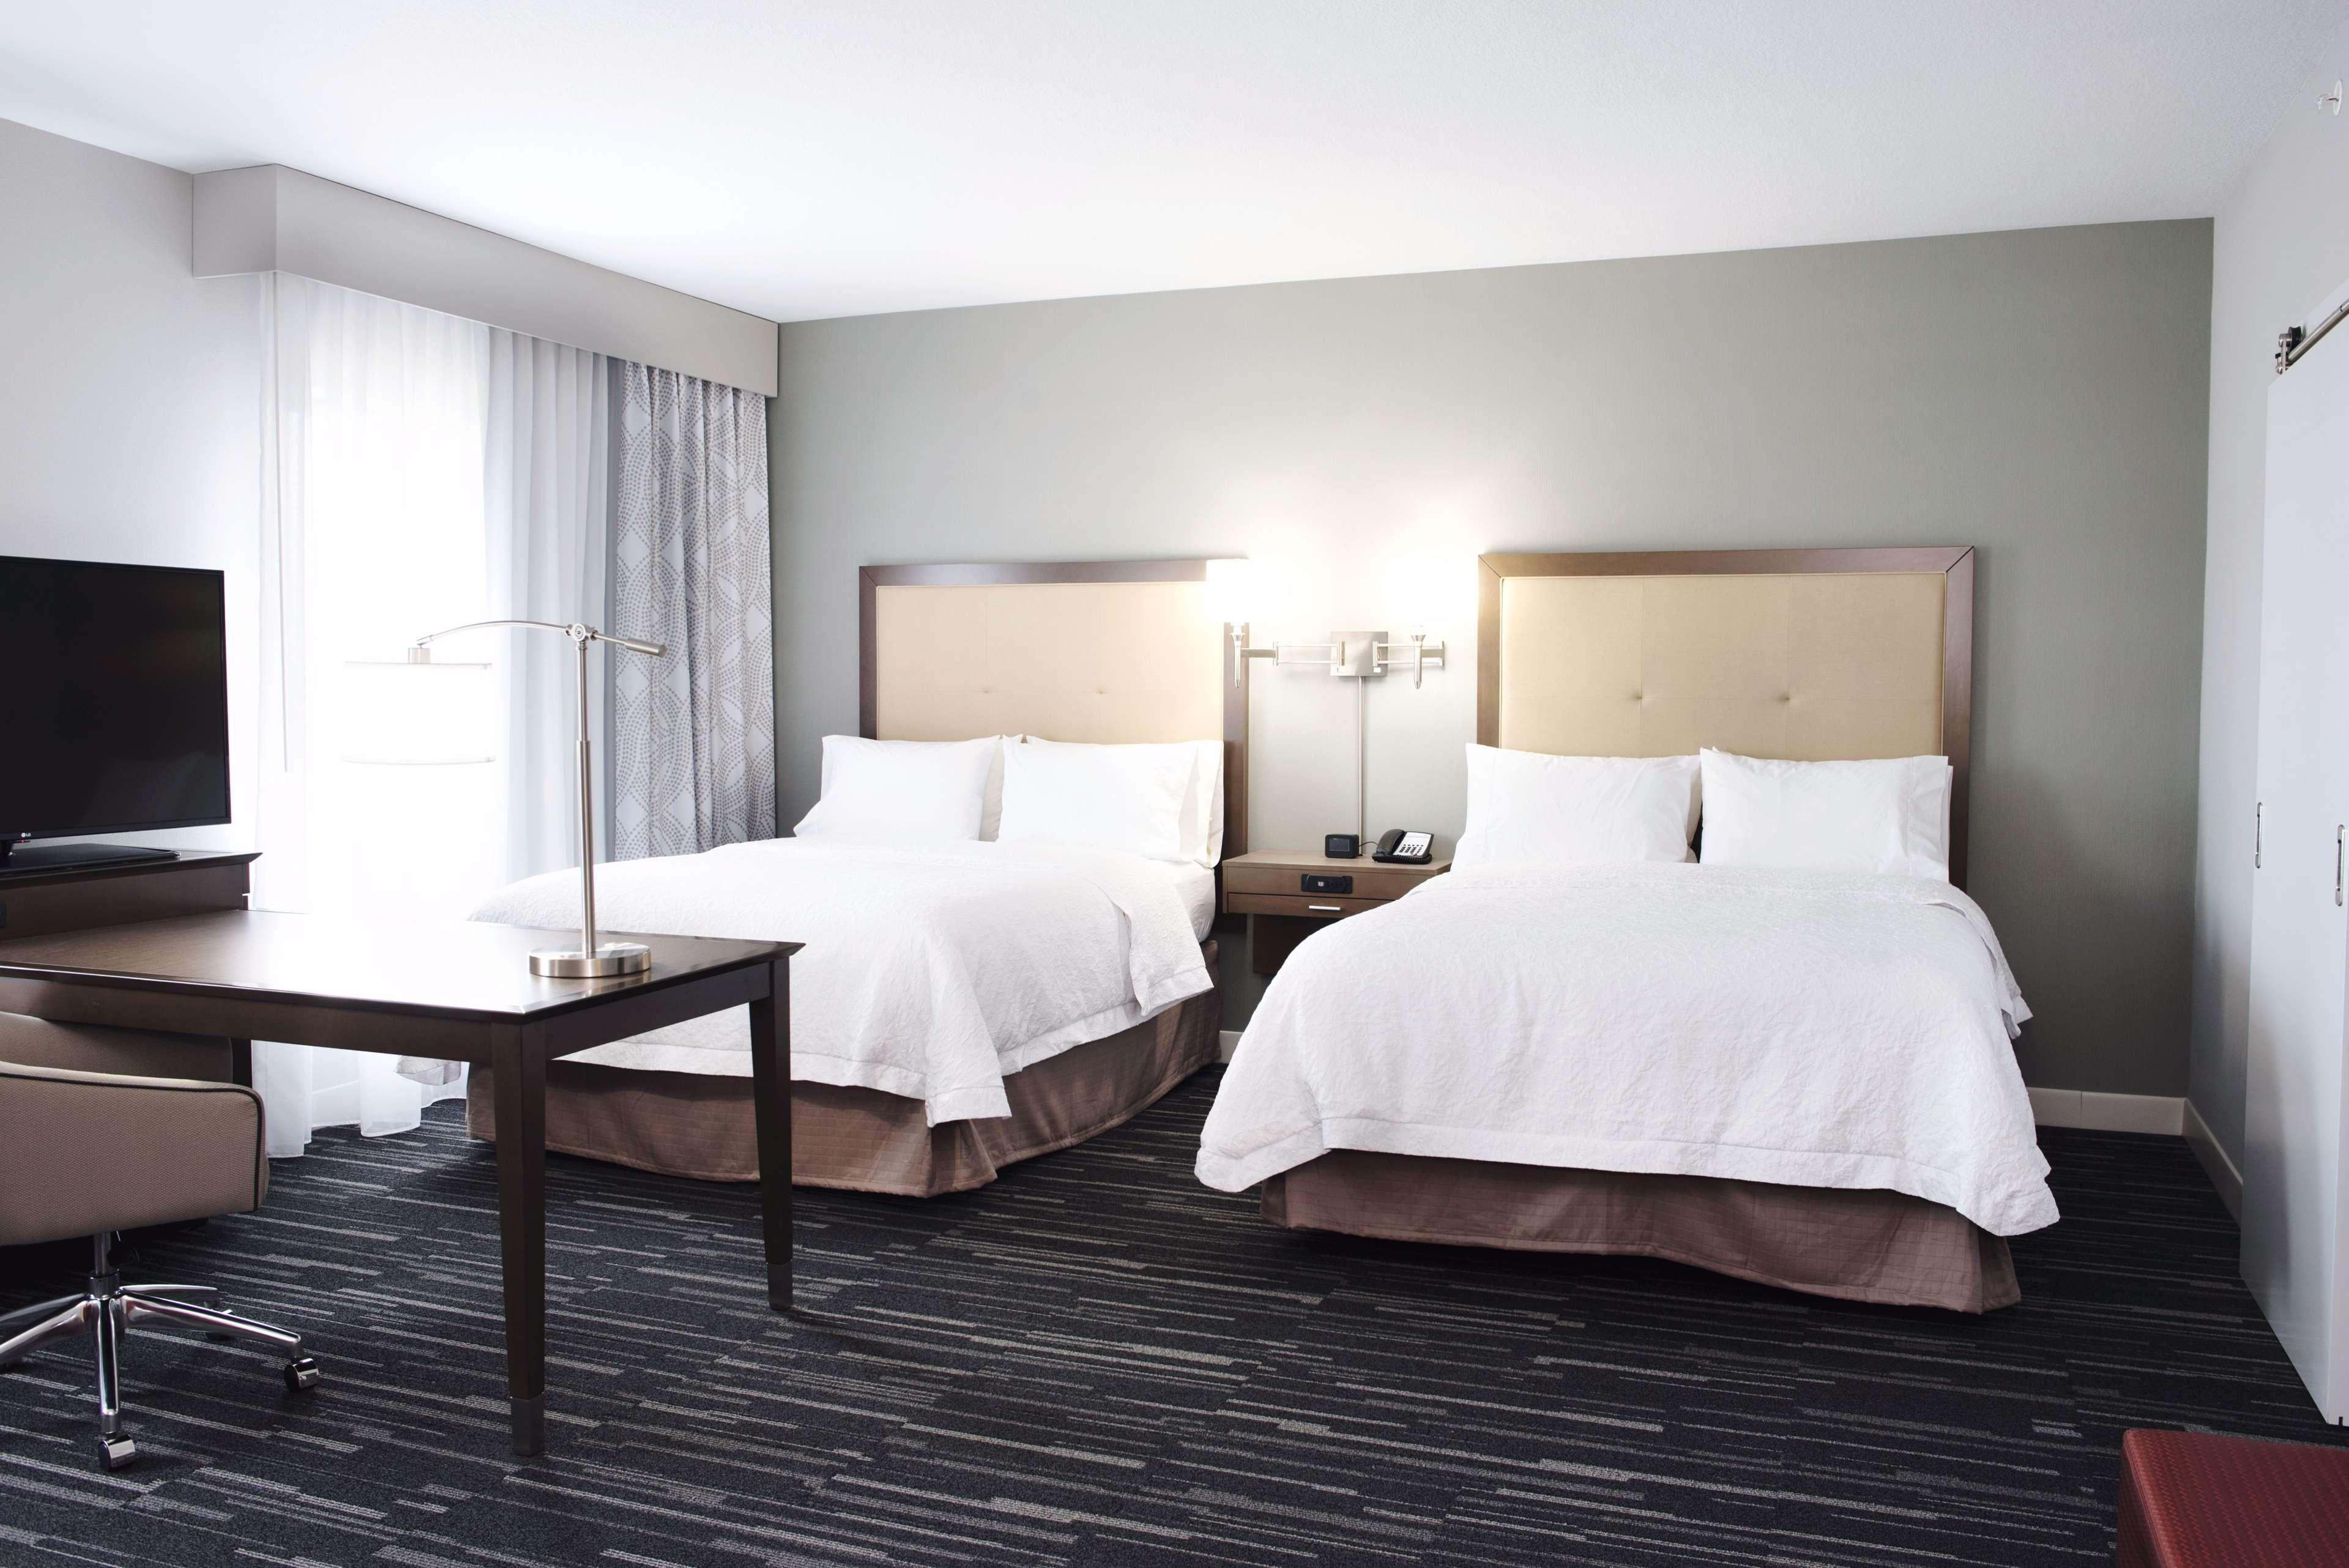 Hampton Inn & Suites Des Moines/Urbandale image 25